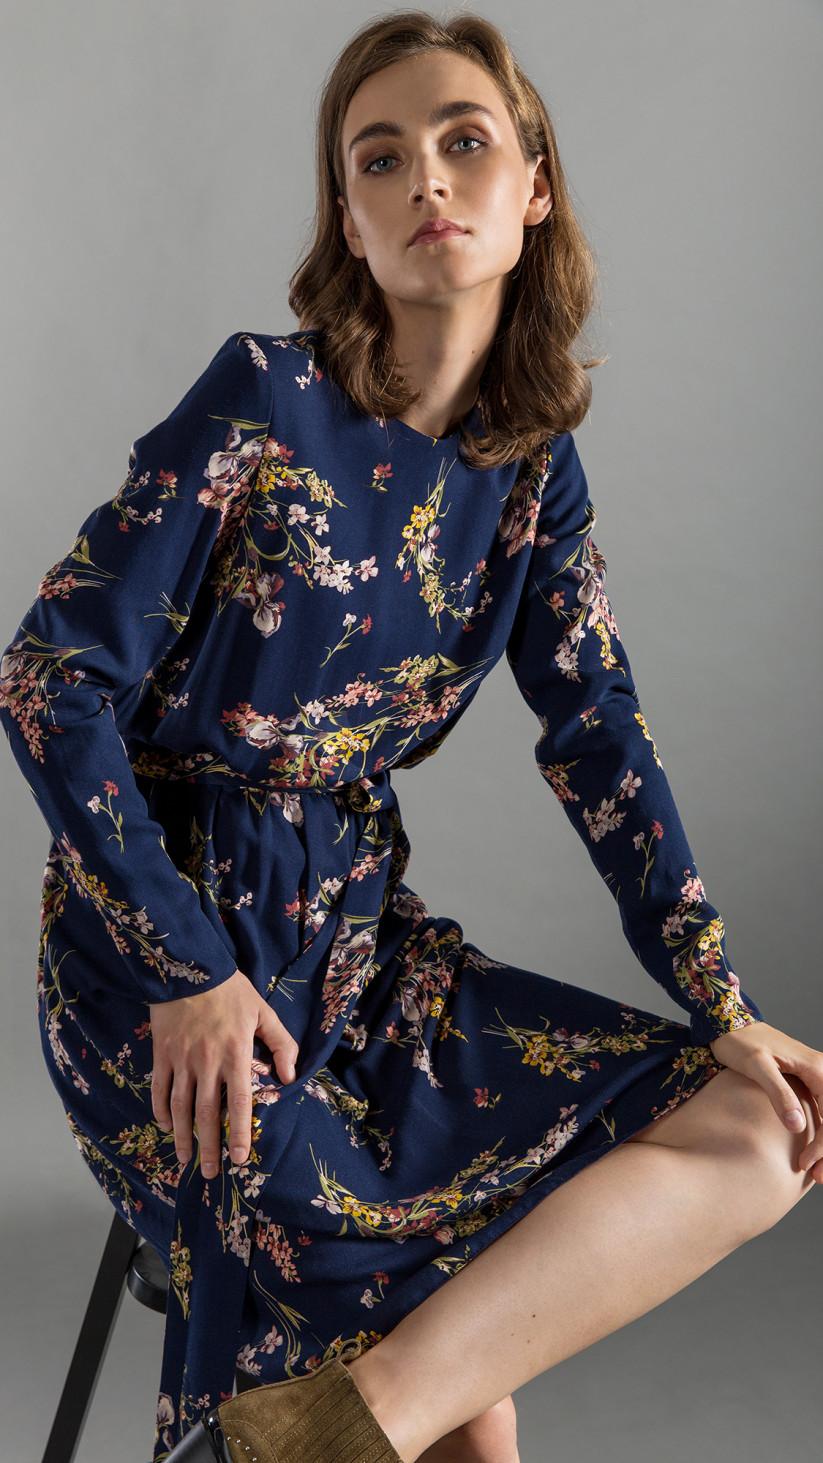 Sukienka Amelia | Kwiecisty Granat | Klasyczna sukienka, o luźnym kroju wiązana w pasie